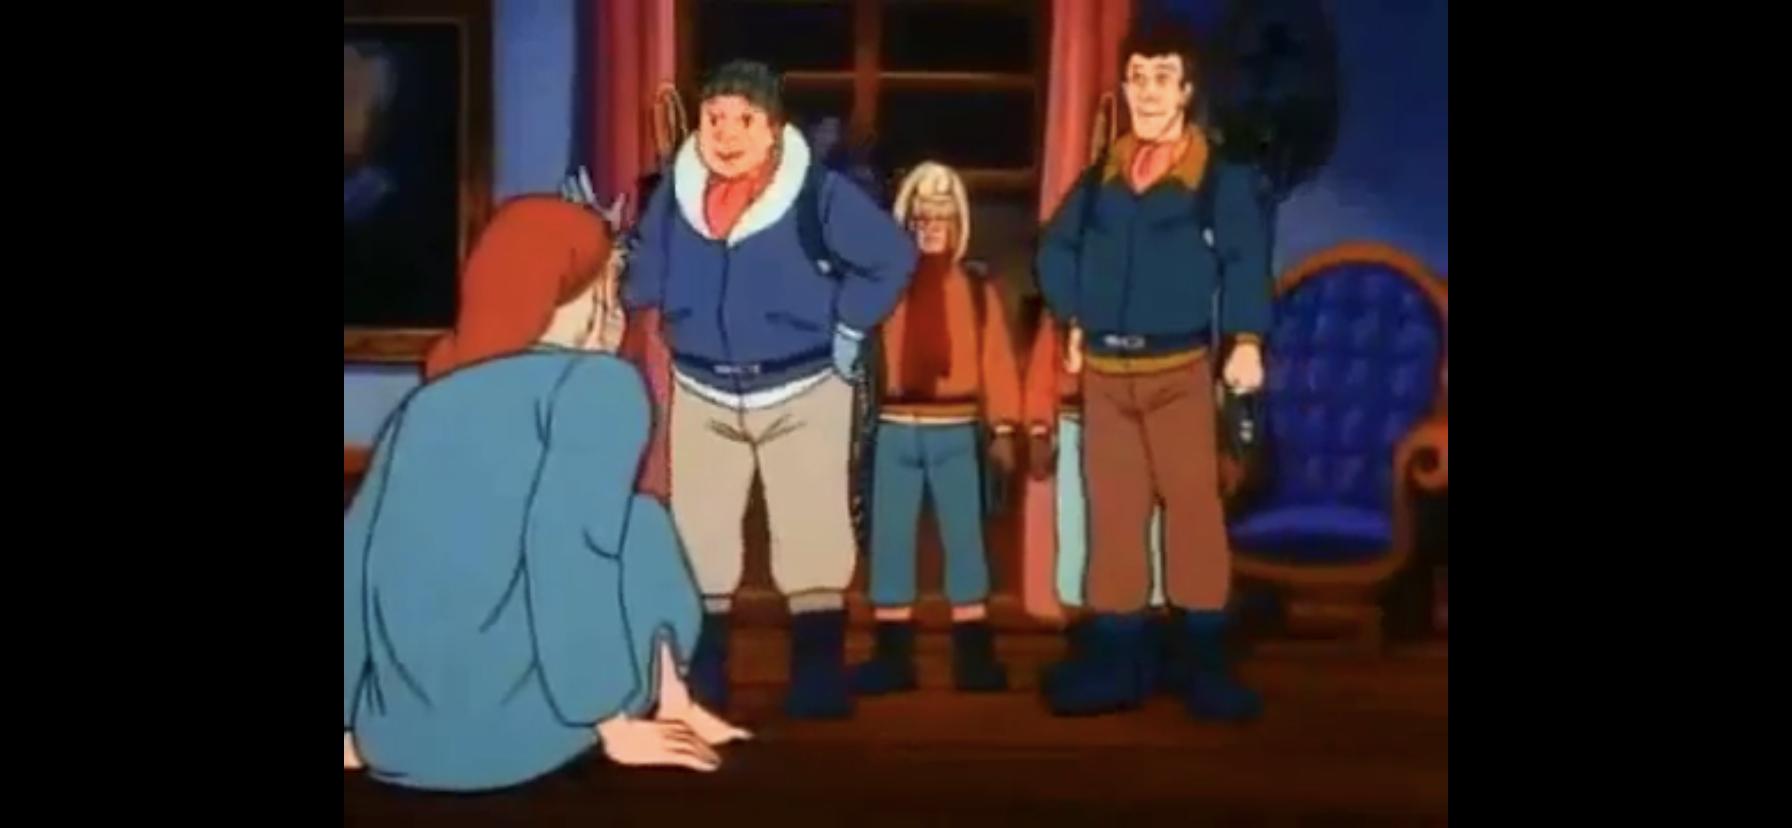 ghostbusdters meet scrooge